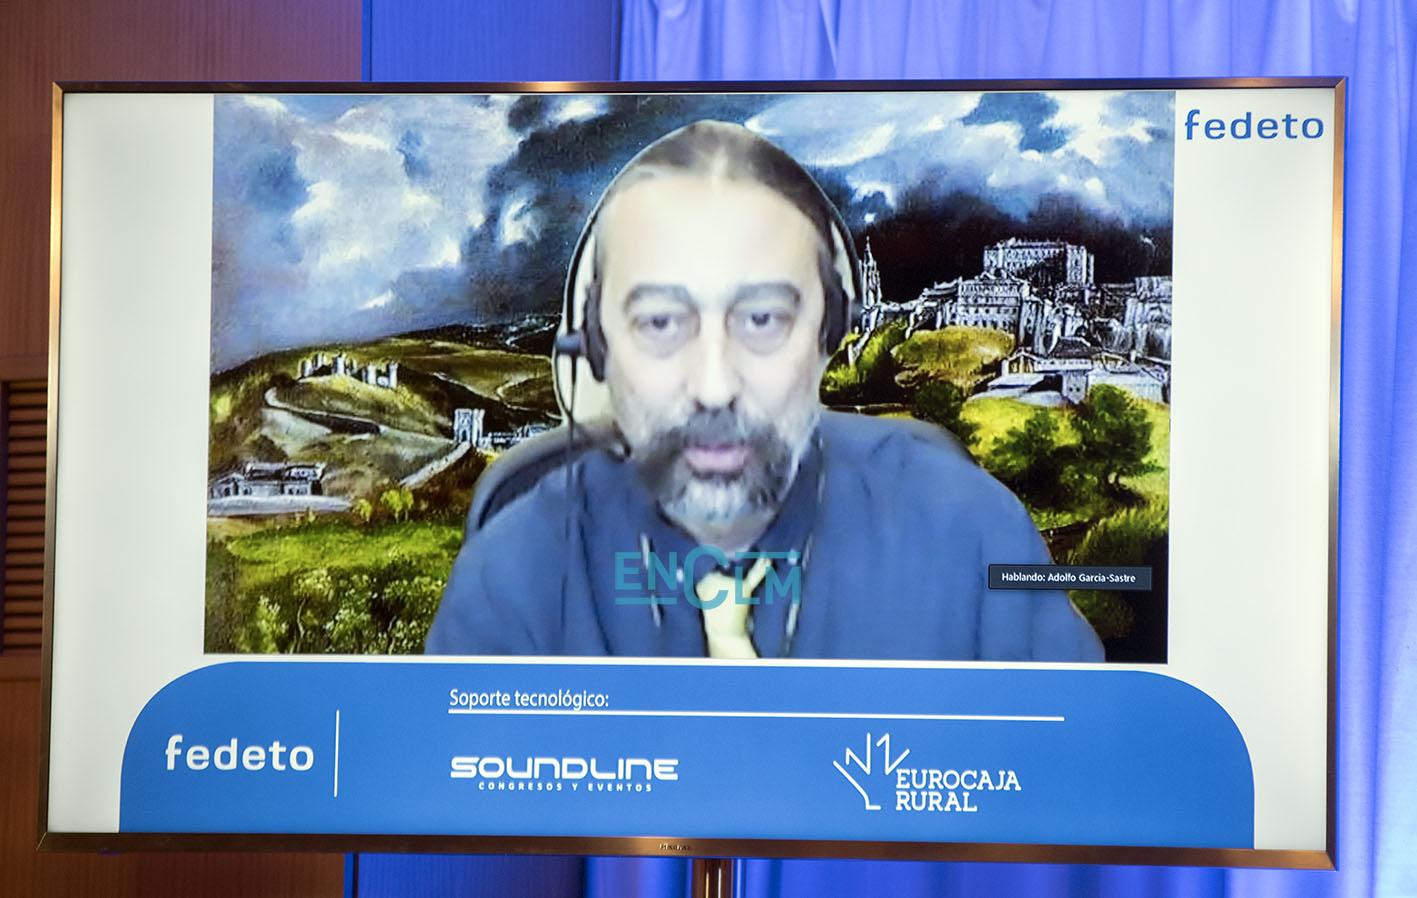 El virólogo Adolfo García-Sastre, en la conferencia en los Galardones Empresariales de Fedeto.